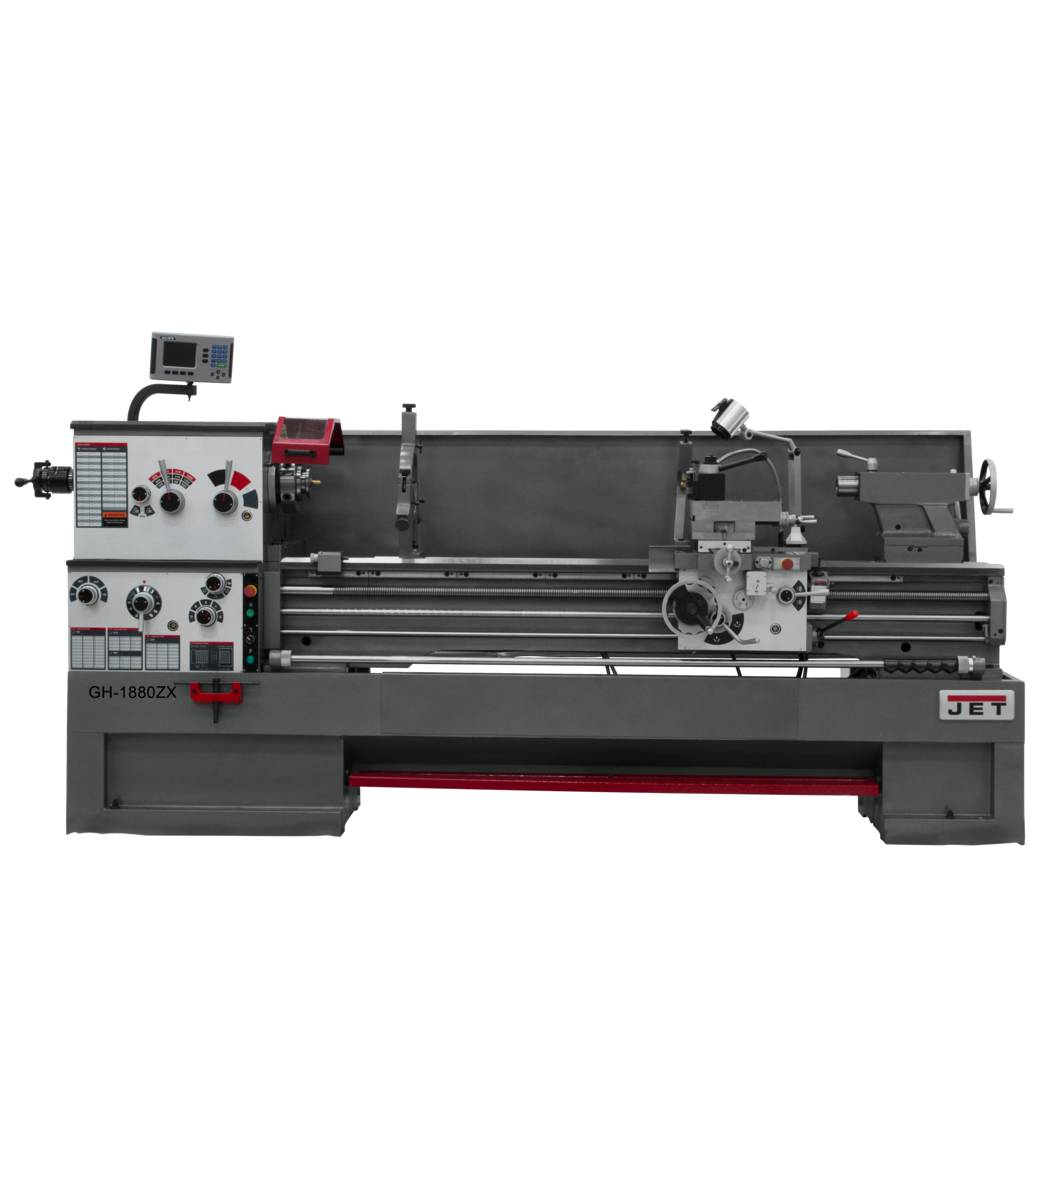 GH-1880ZX torno con visualizador de posición digital ACU-RITE 200S de 2 ejes, cierre automático y accesorio de ahusamiento instalado